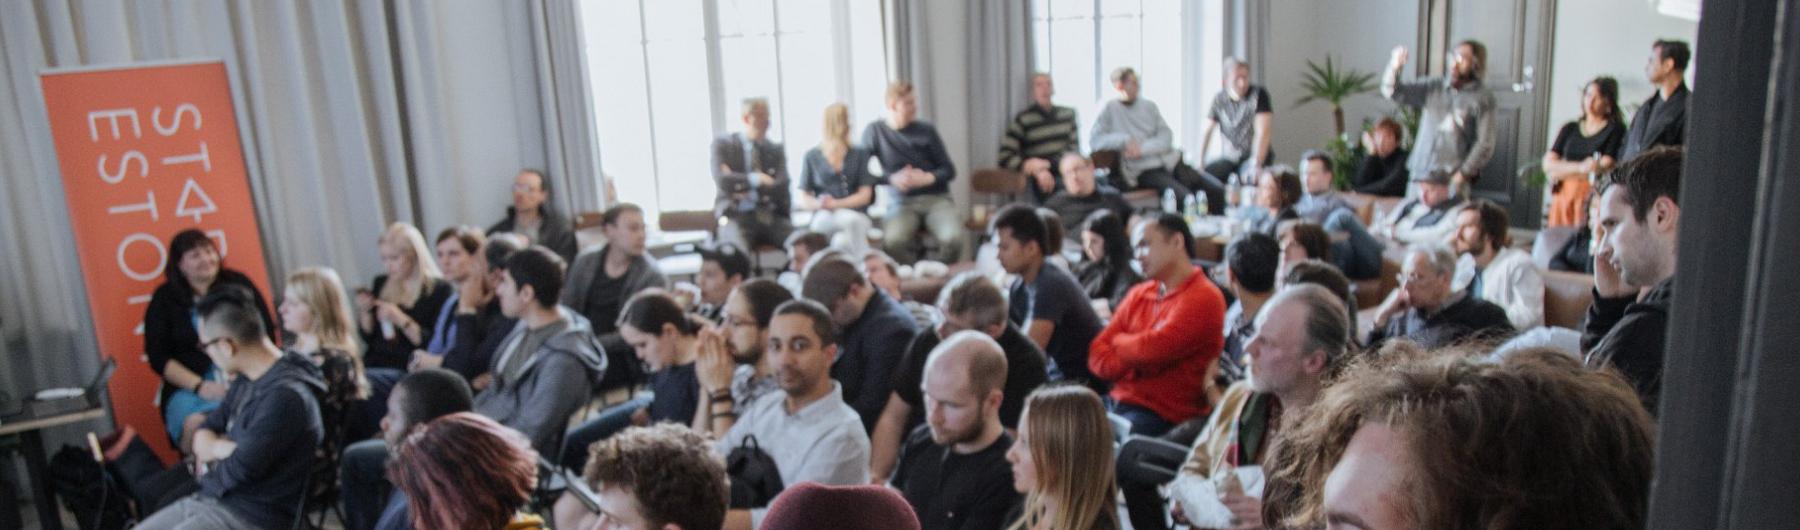 Estonian Startup Ecosystem Meets Berlin